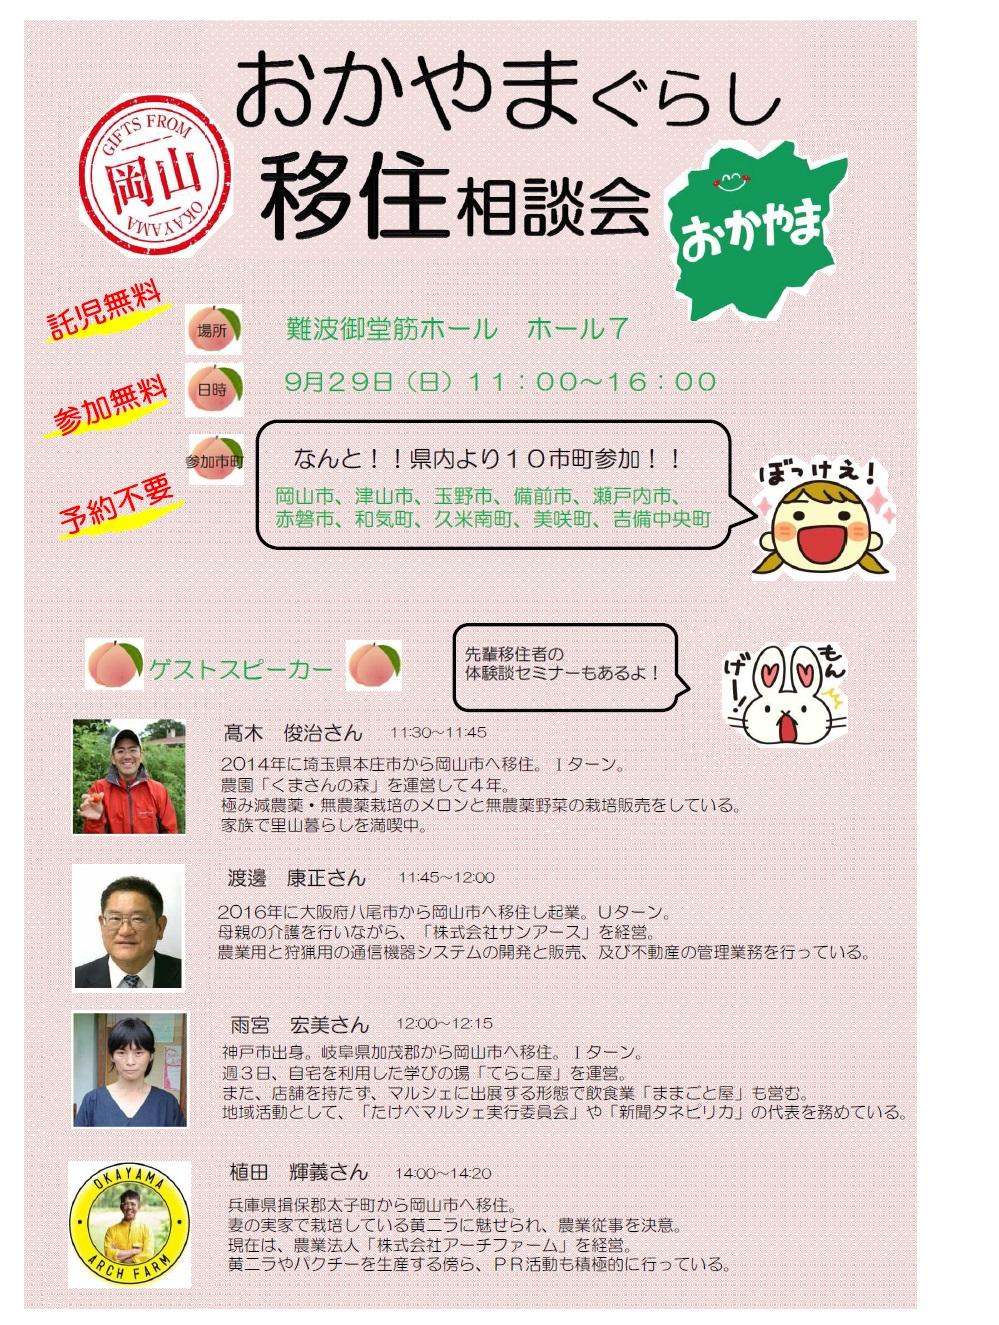 【移住相談会in大阪なんば】9月29日に『おかやまぐらし移住相談会』を開催します!!